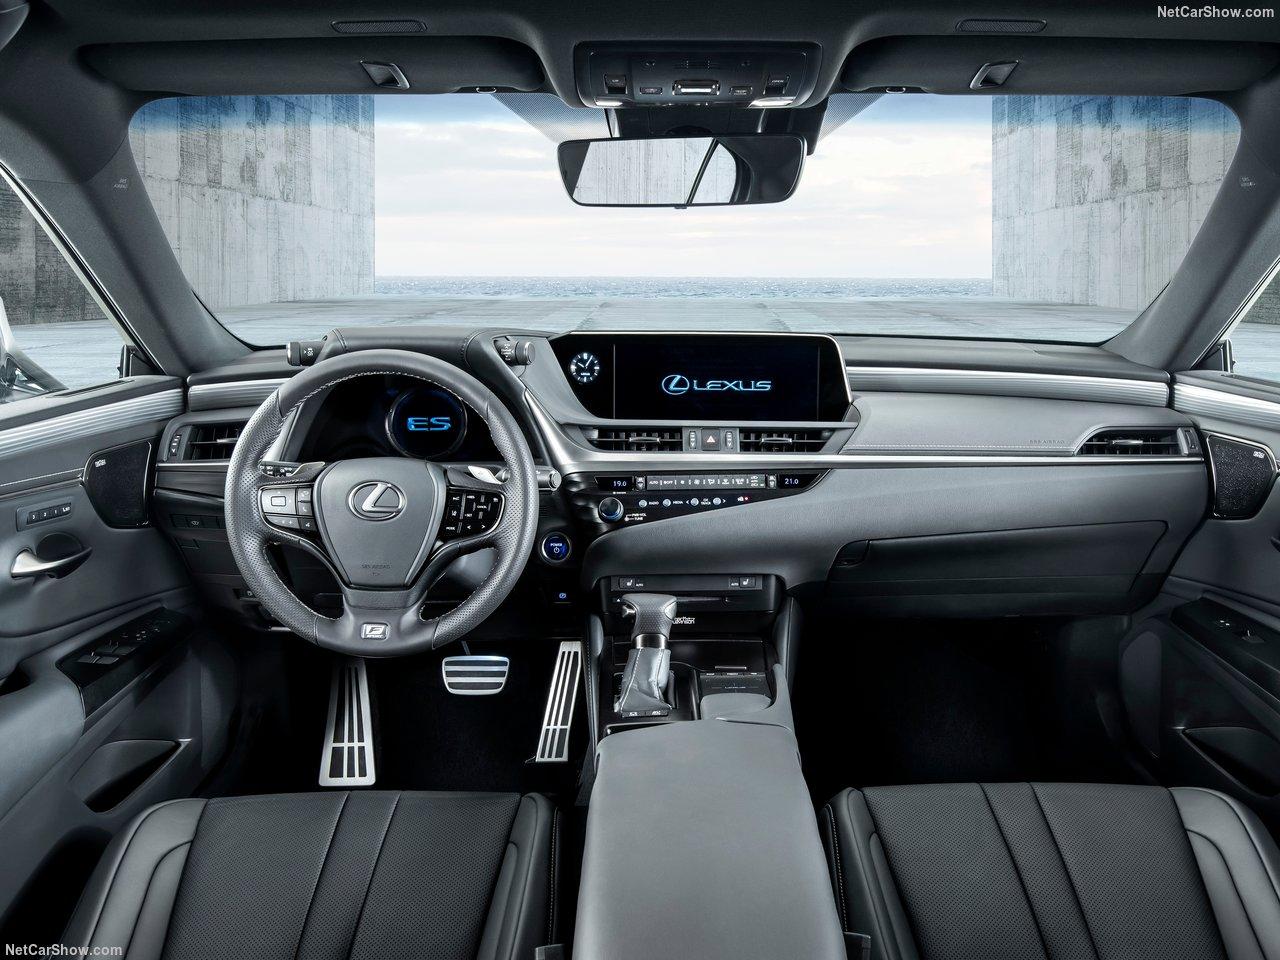 Lexus-ES-2019-1280-22.jpg